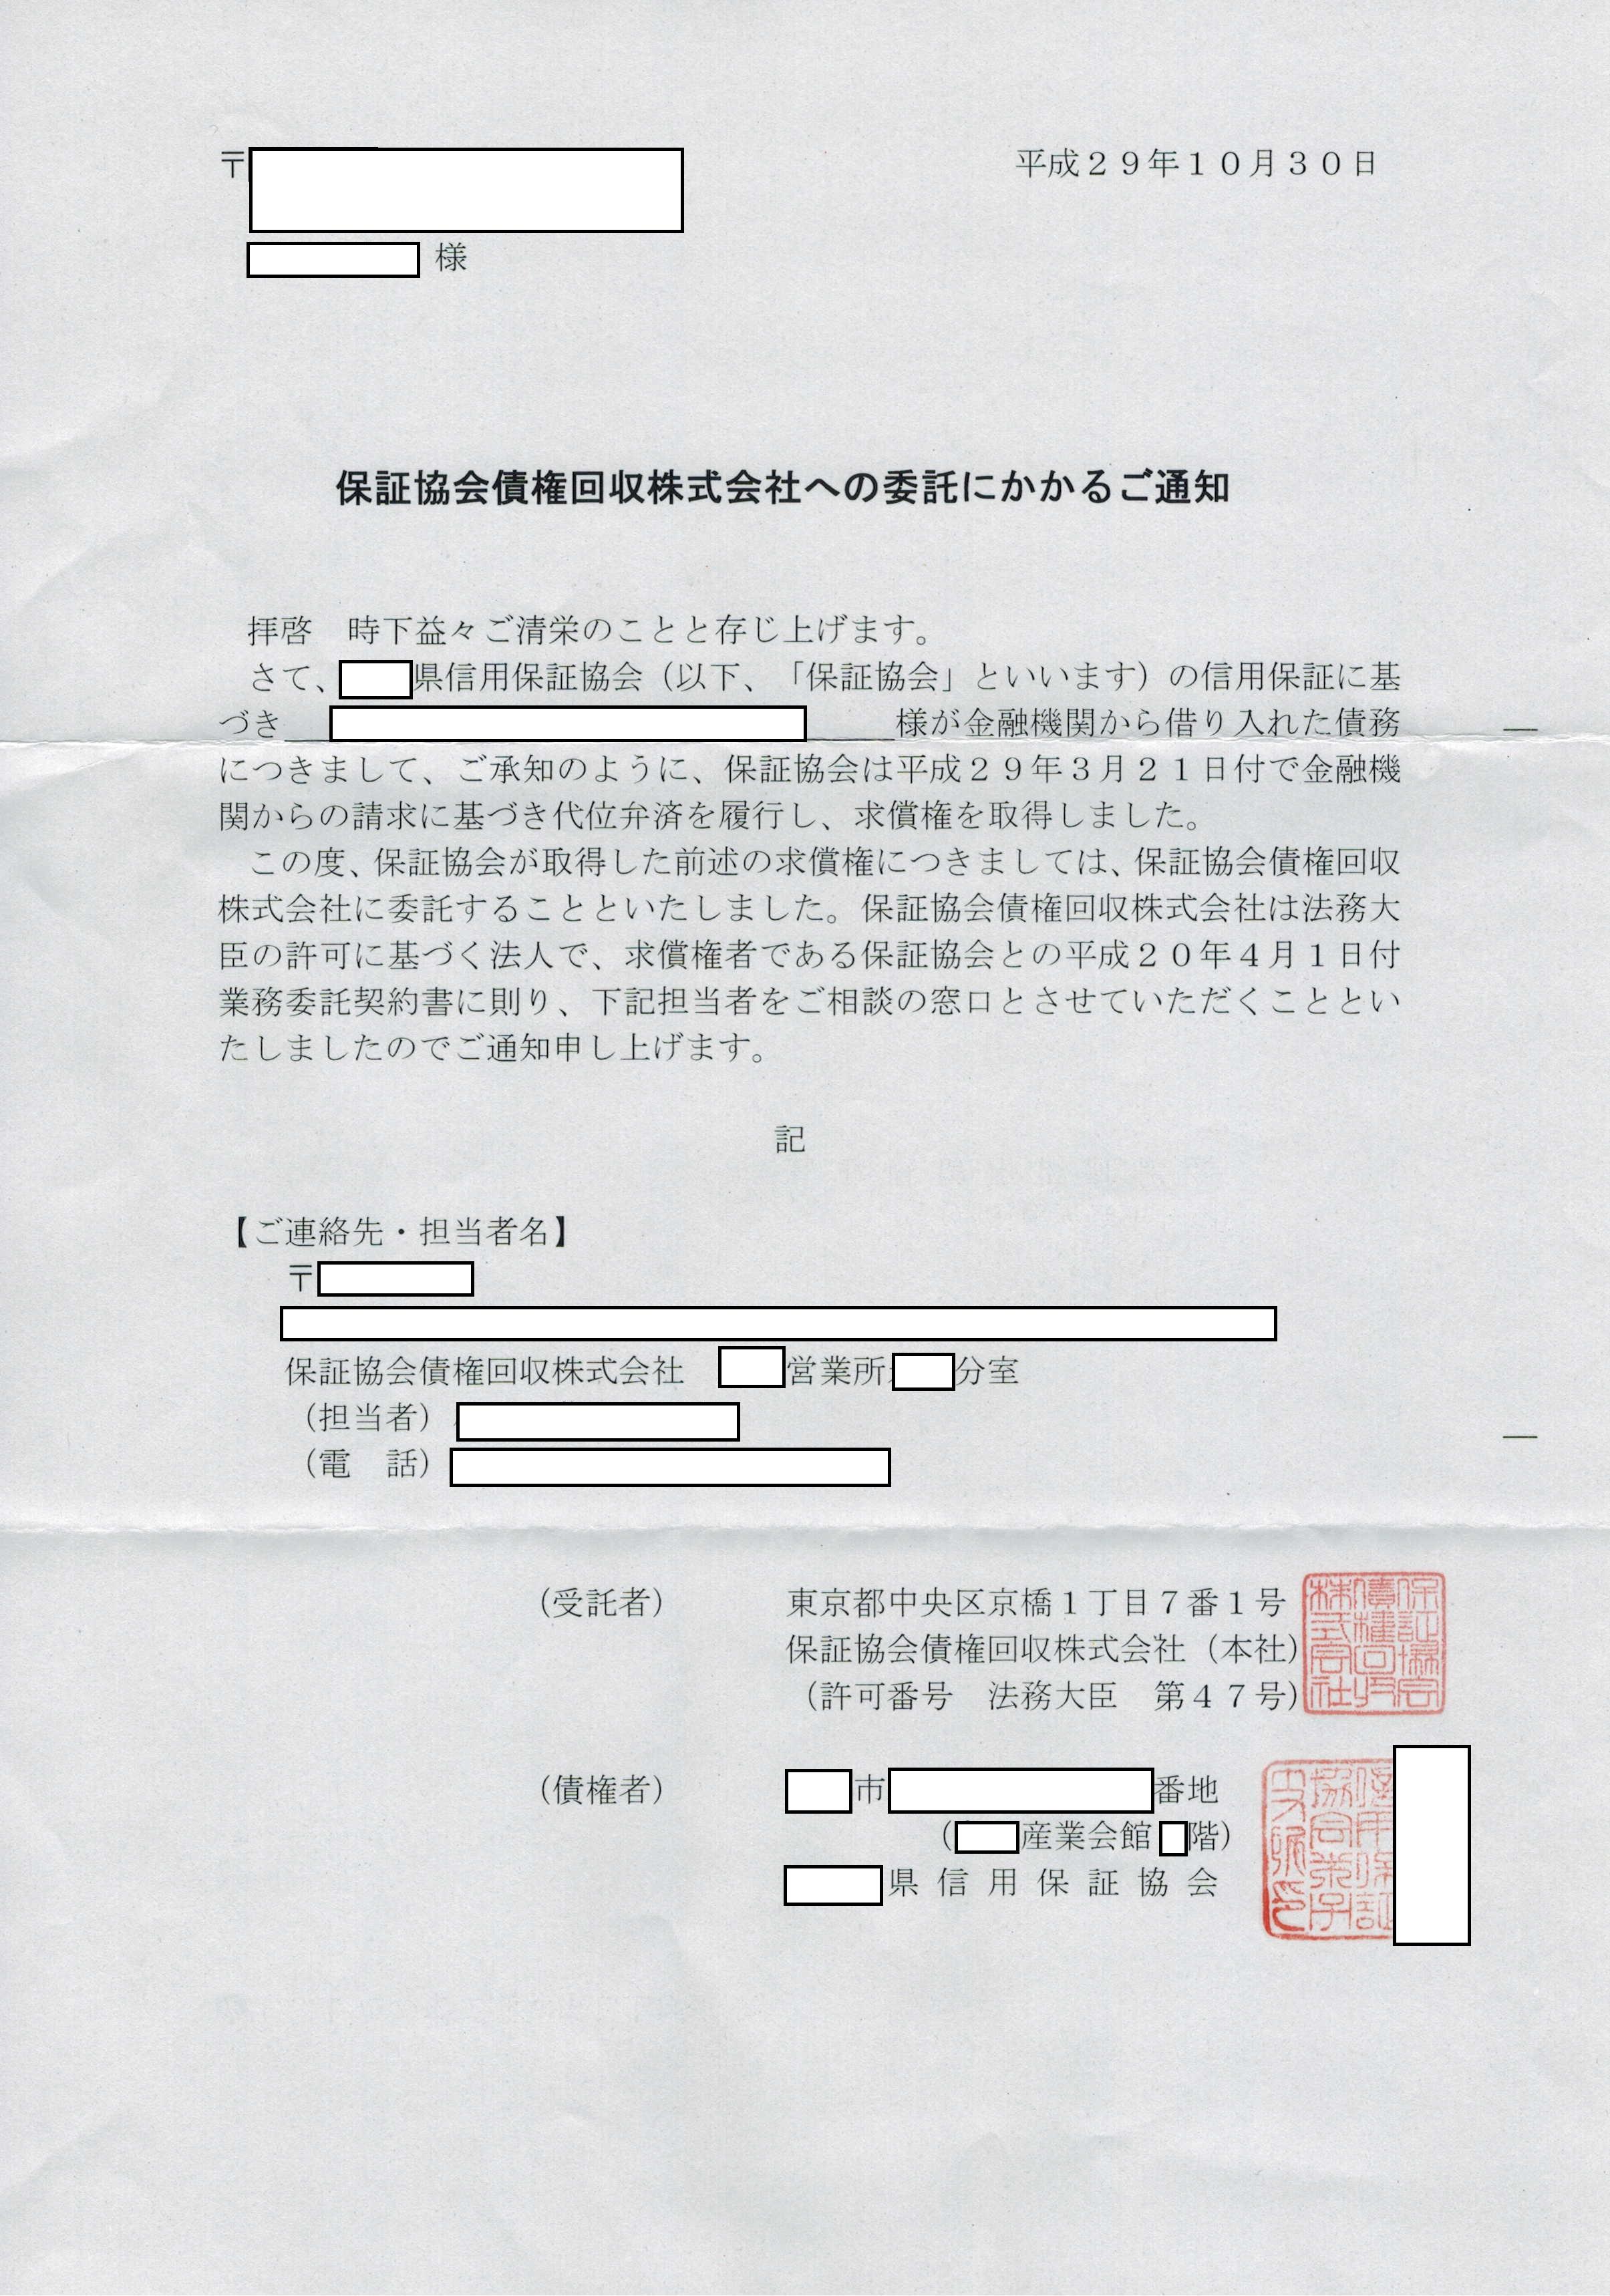 保証協会債権回収委託通知